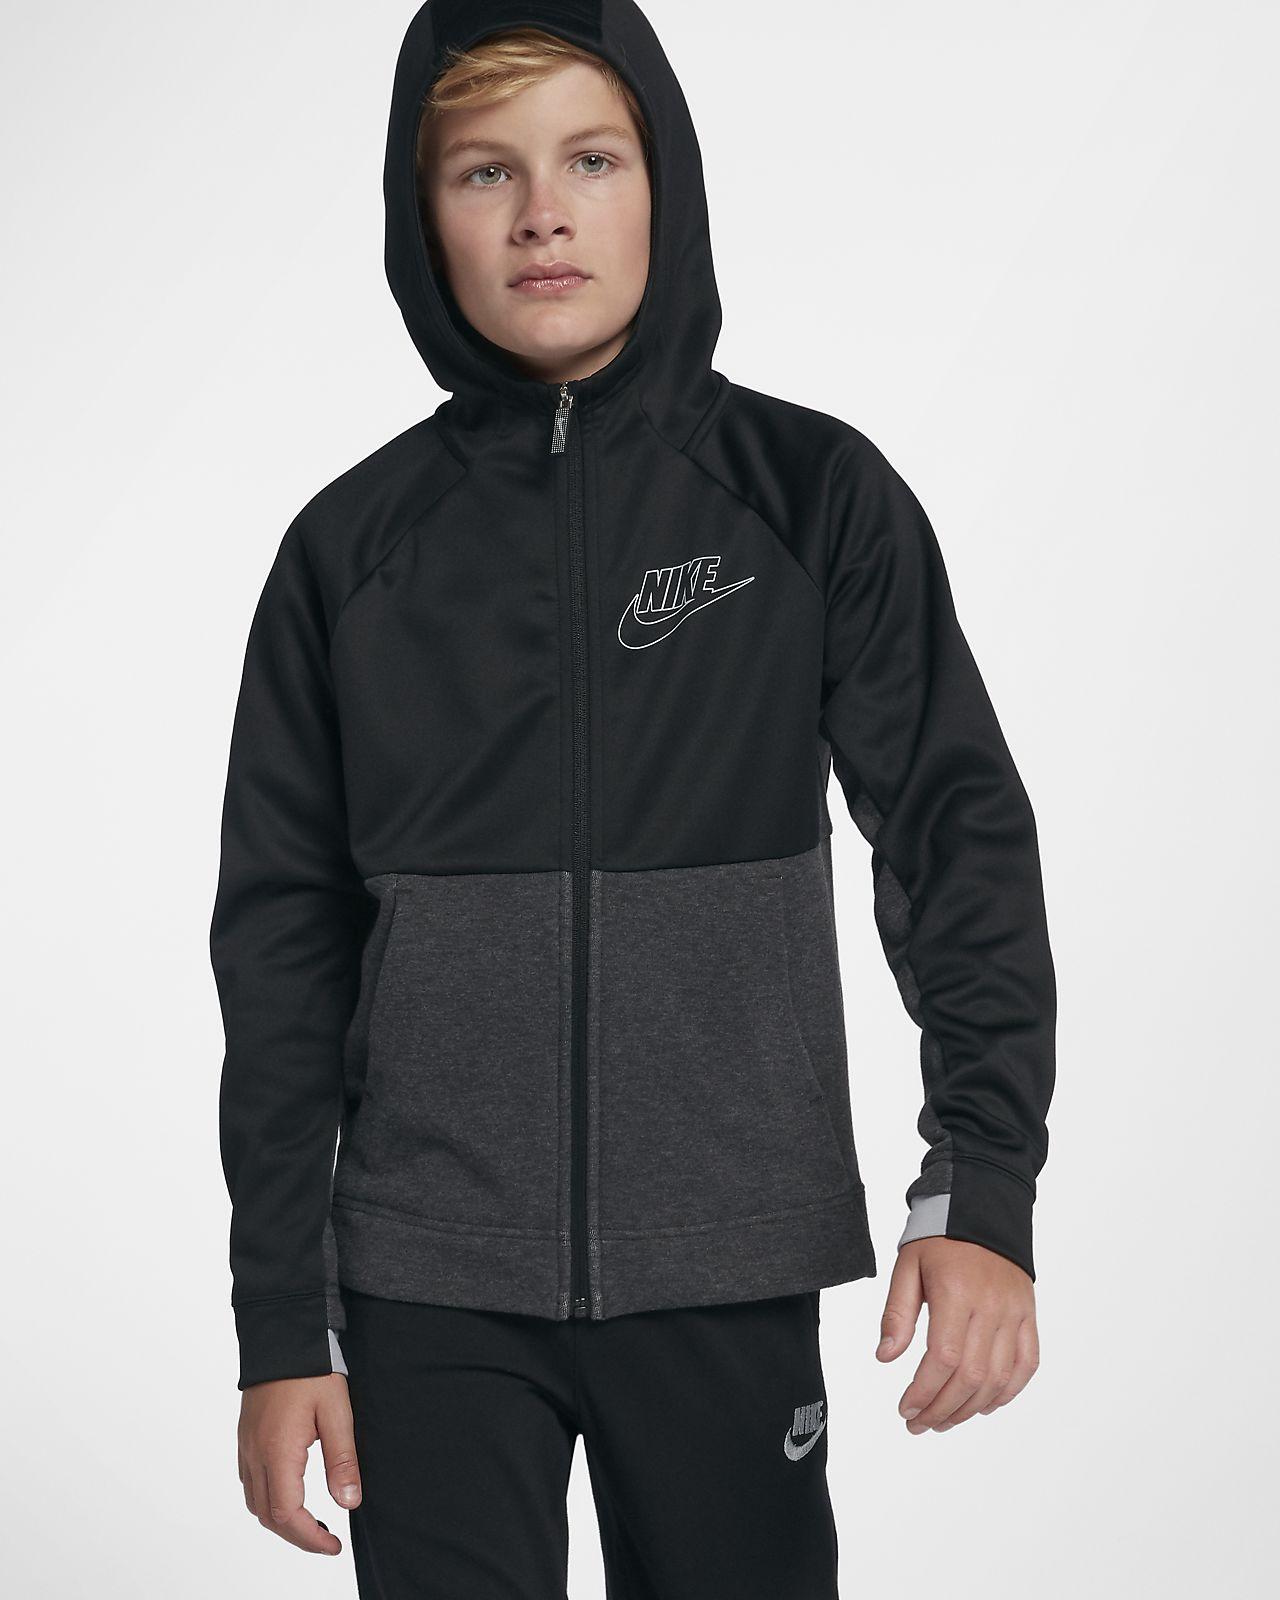 56499a50 Nike Sportswear My Nike hettejakke til store barn (gutt). Nike.com NO